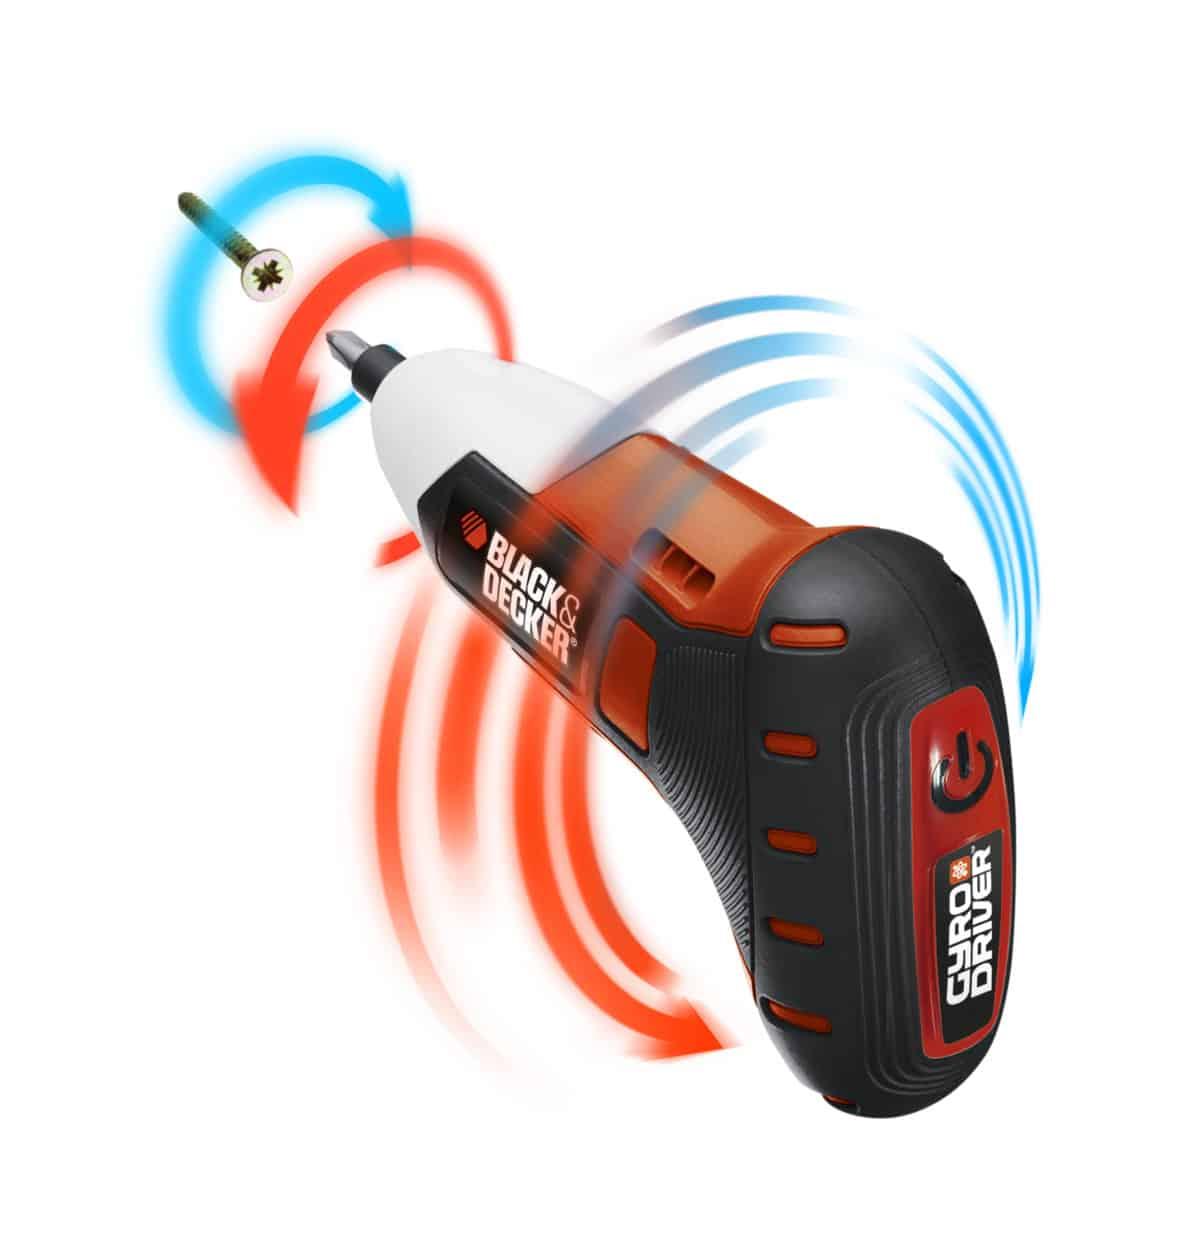 Gyro Driver Black&Decker® : il primo svitavvita a tecnologia Gyroscopica!